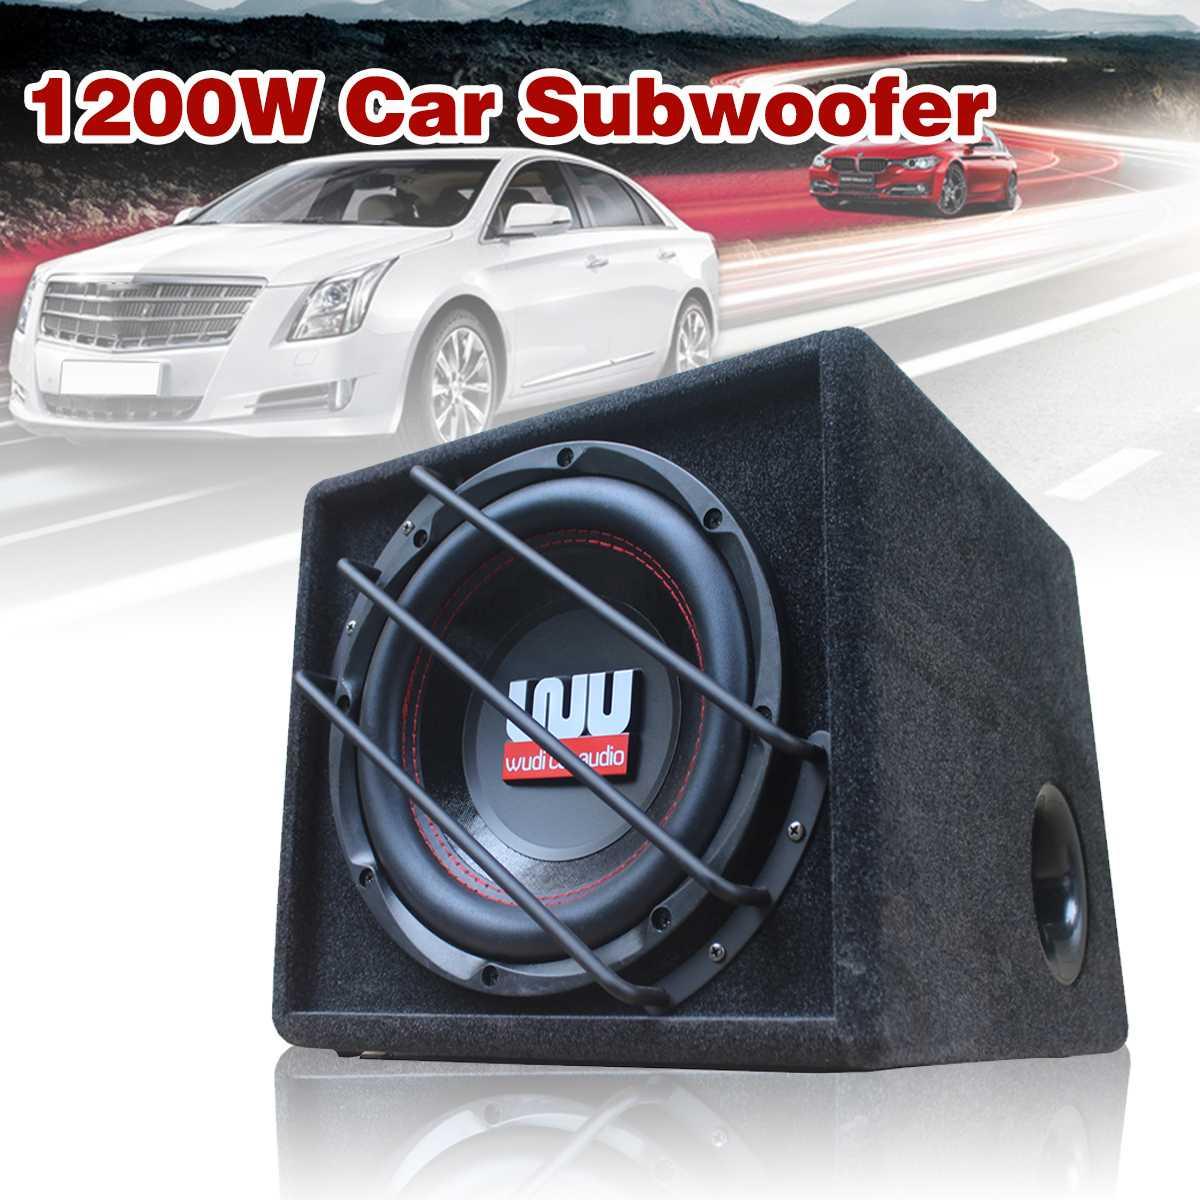 10 Inch 1200w Car Subwoofer Strong Subwoofer Car Speaker Auto Super Bass Car Audio Speaker Active Woofer Built-in Amplifer